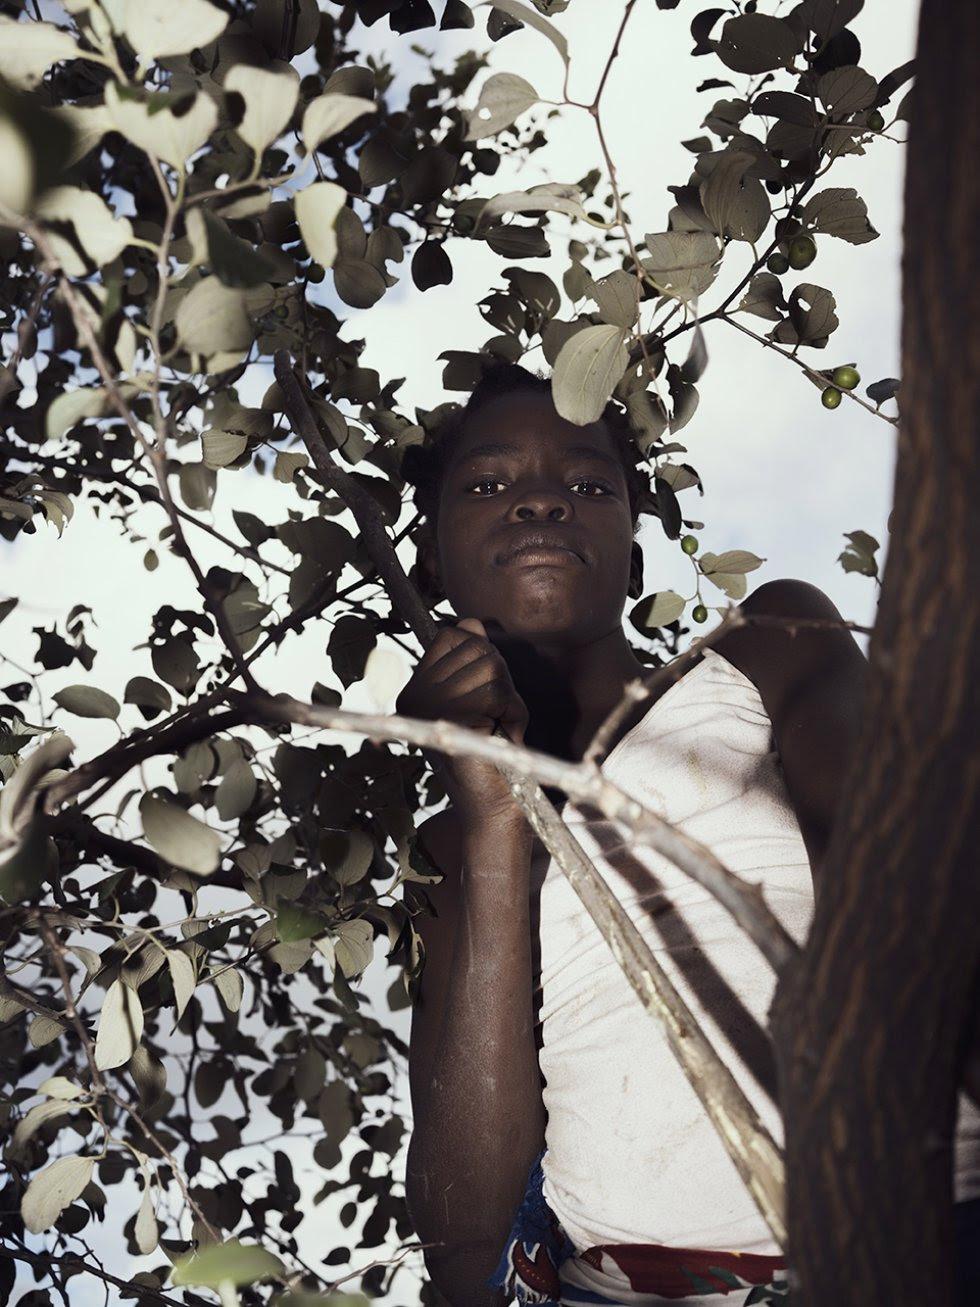 El polvo causa graves problemas de salud a los residentes, pues desde hace tiempo han empezado a producirse conflictos en la zona como resultado de la contaminación y del acaparamiento de tierras y aguas. Un niño recolecta fruta en uno de los pocos árboles encontrados en los muchos pueblos de Moatize.rn